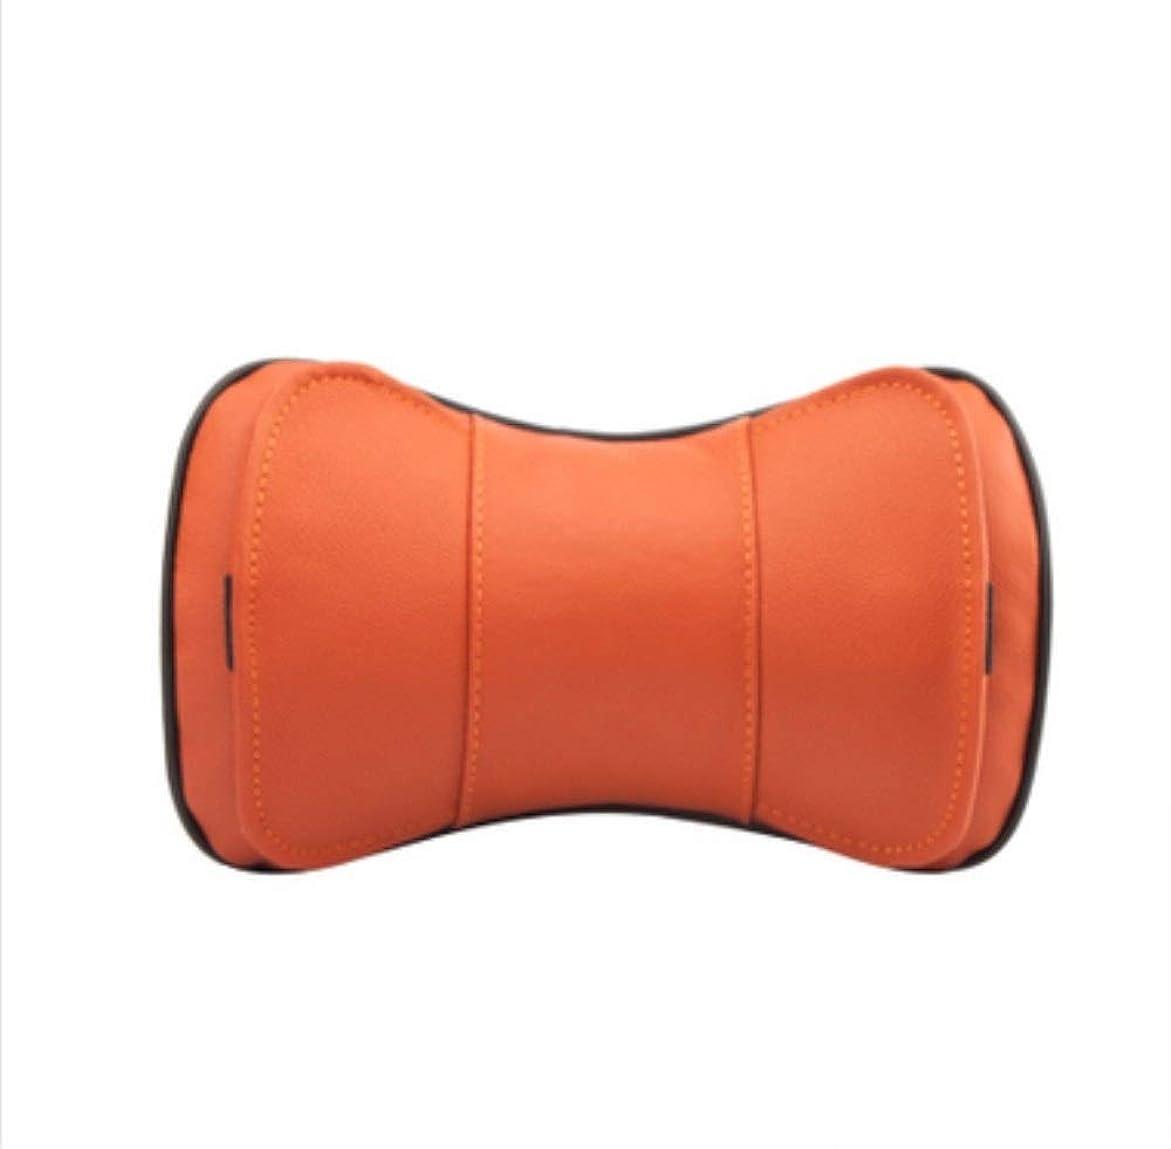 シリンダー労働者初心者Michalin オレンジ革の繊維車のヘッドレストの革自動車用品四季首プロテクタ1ペア